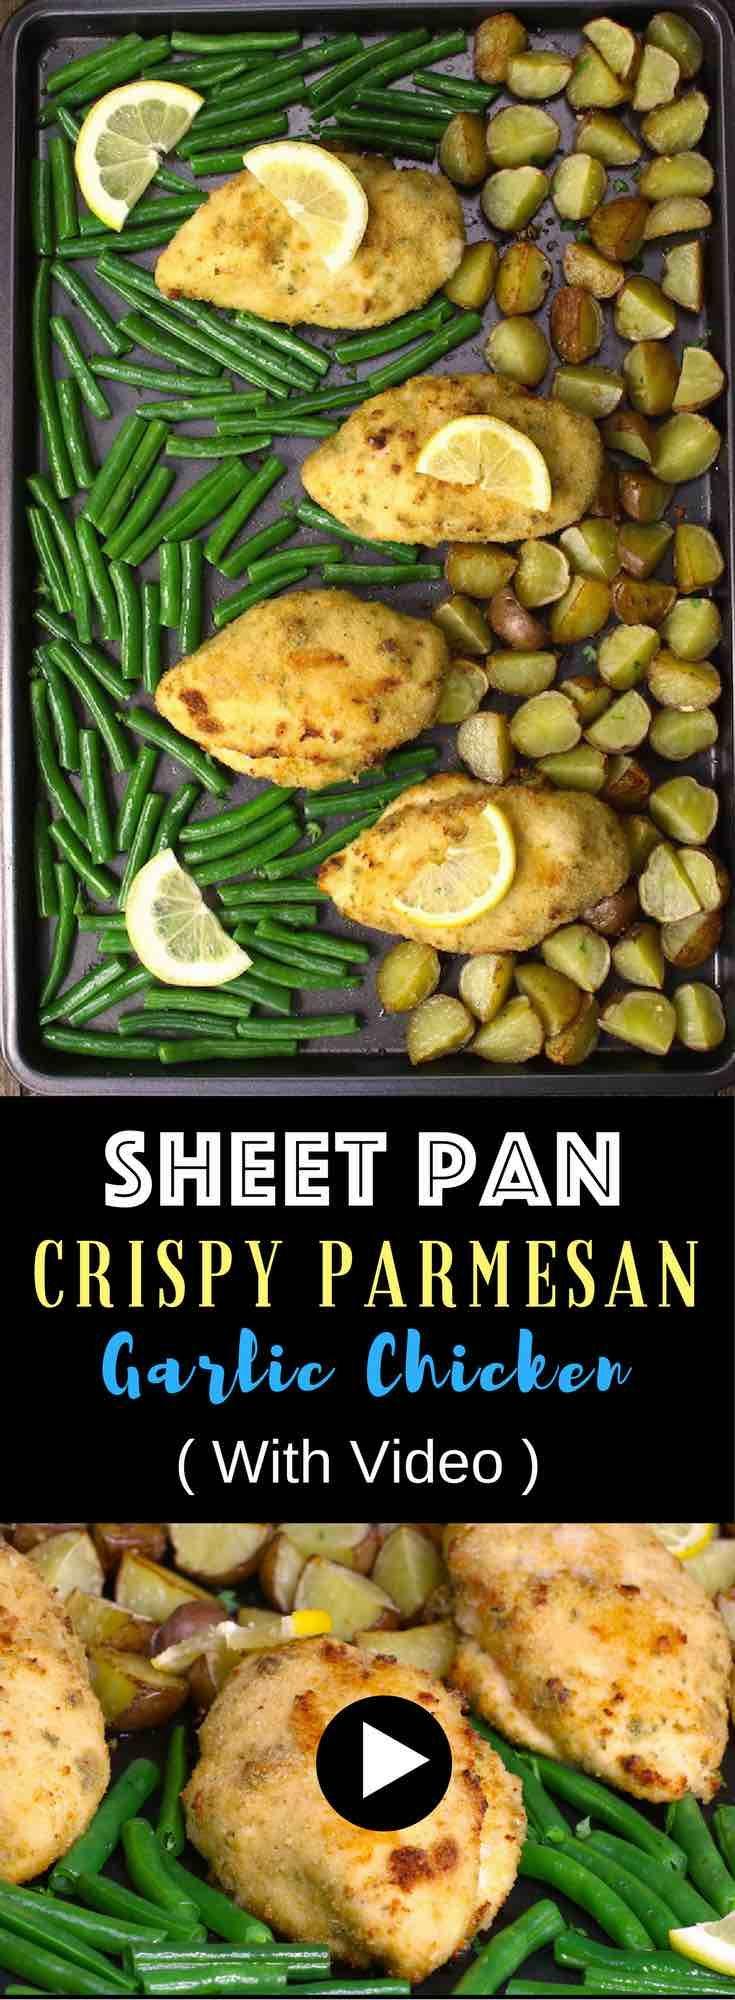 Sheet Pan Crispy Parmesan Garlic Chicken With Veggies And